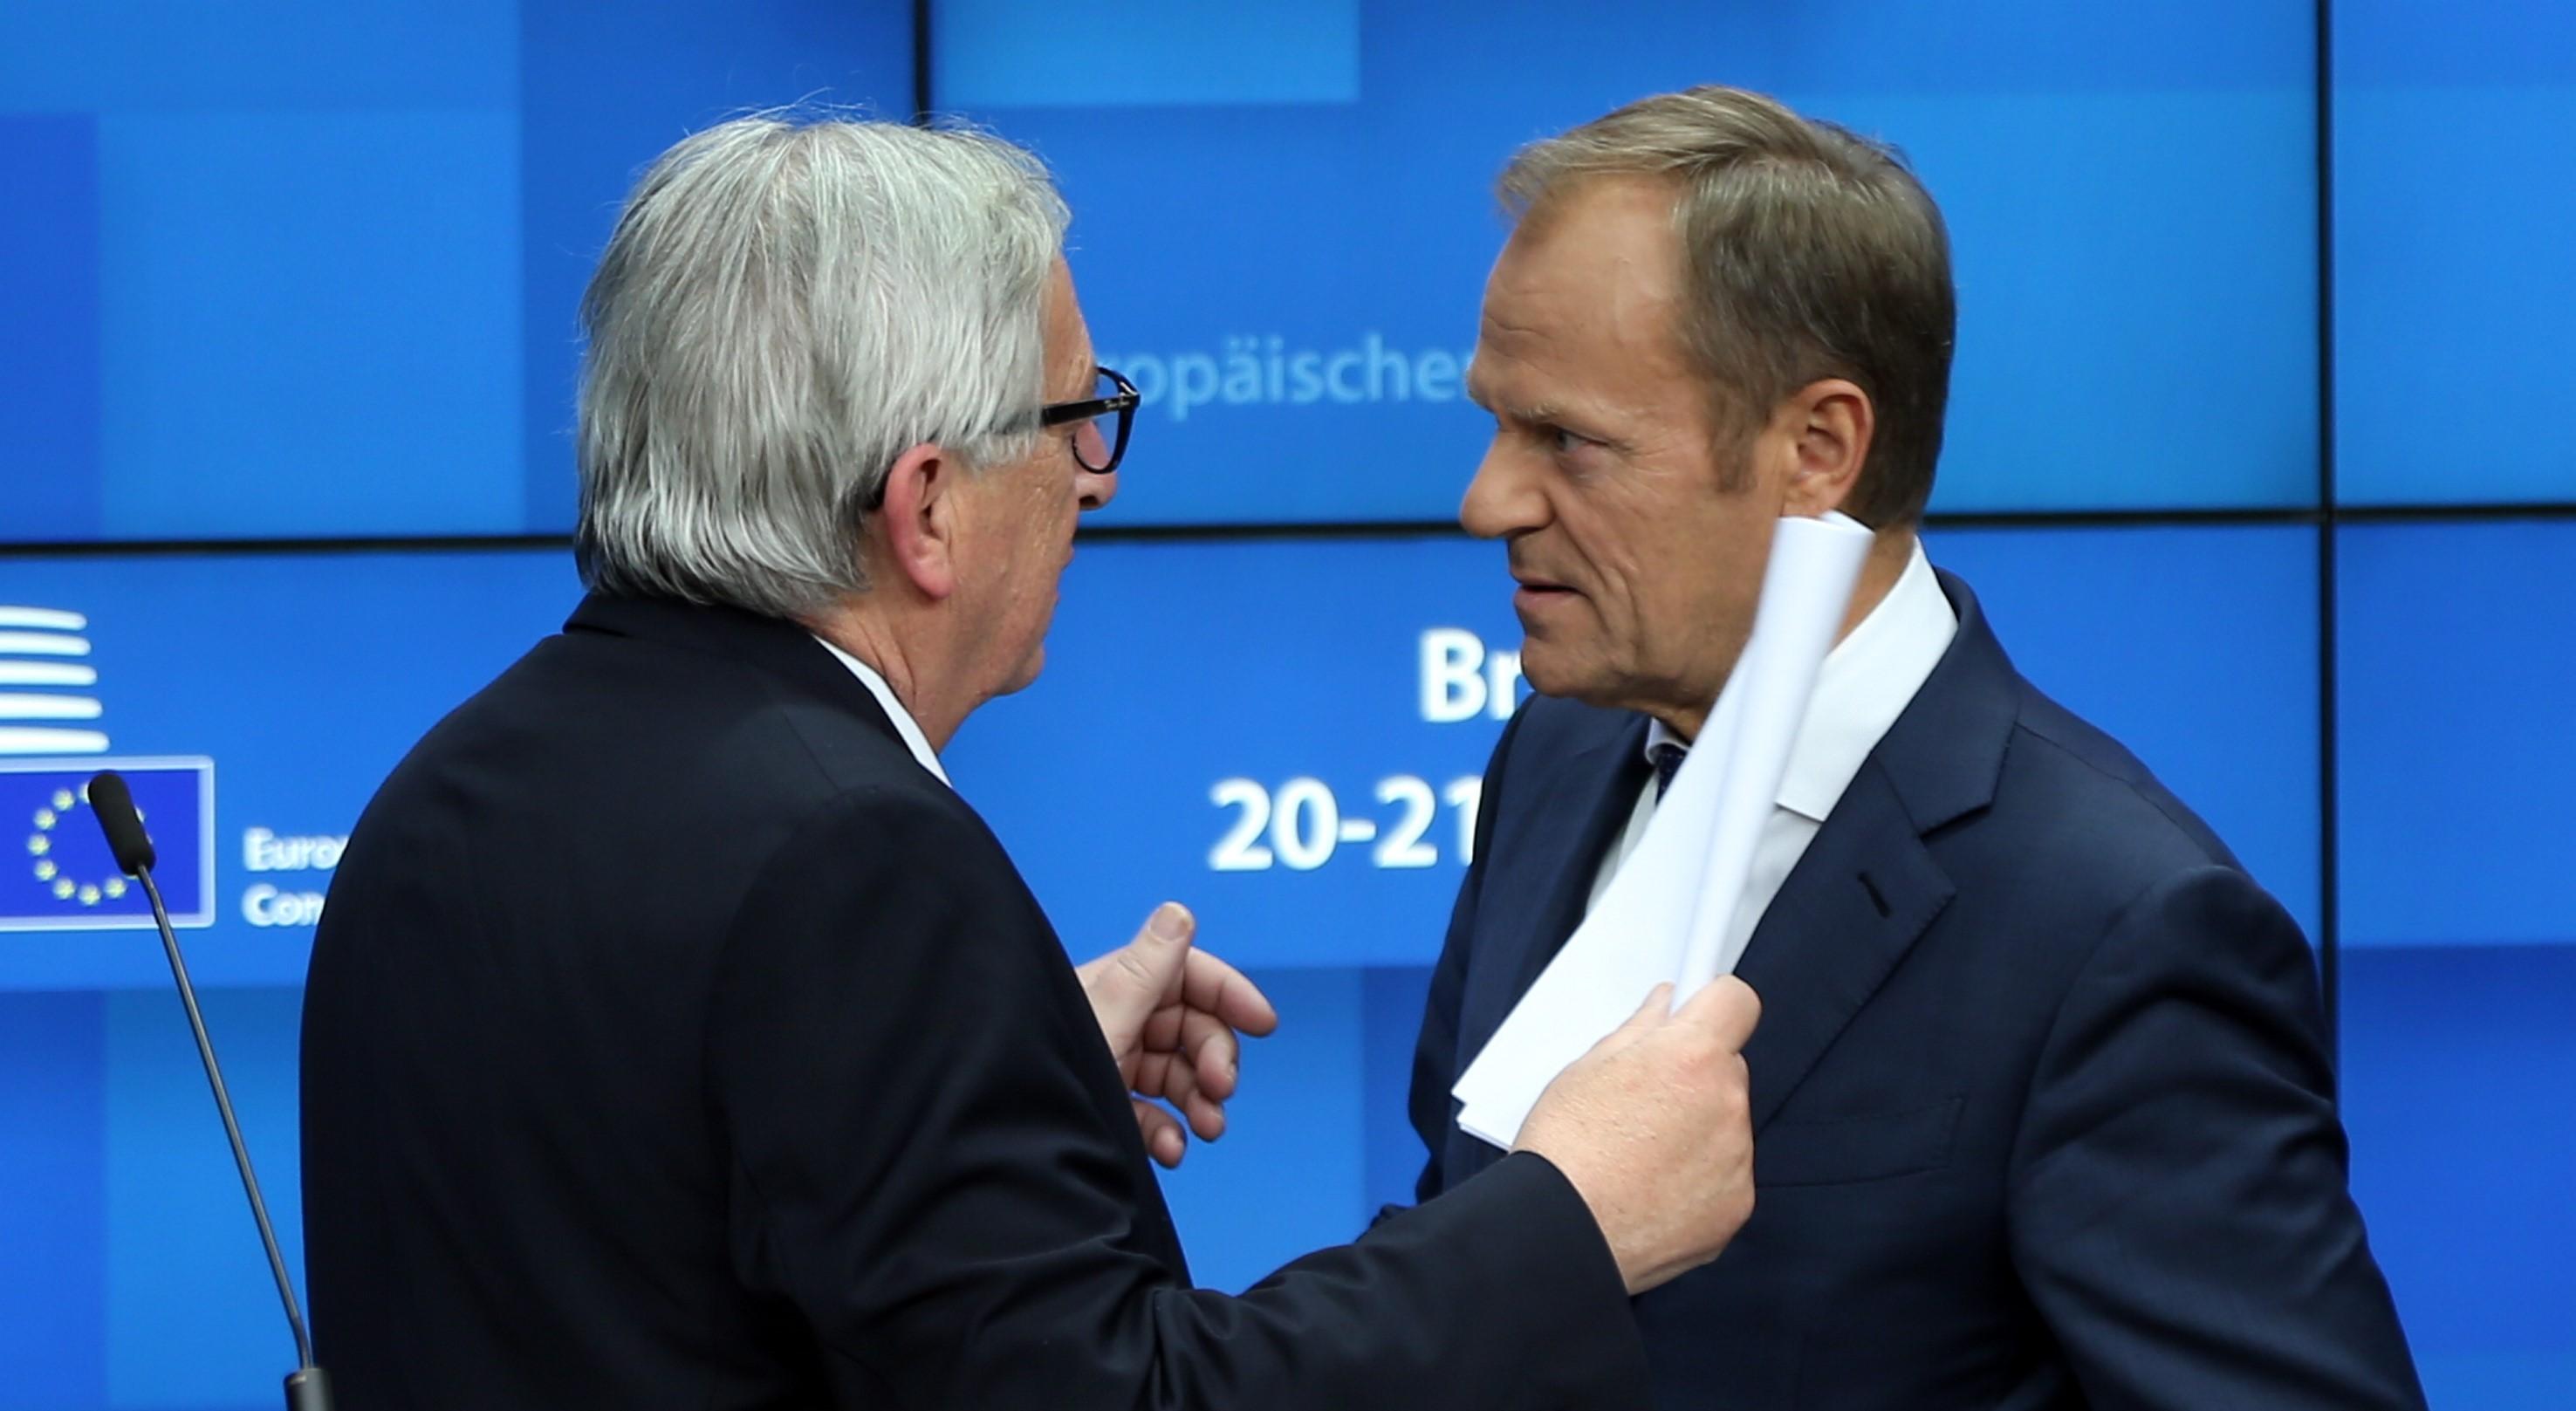 Nem tudtak új bizottsági elnököt választani az uniós vezetők